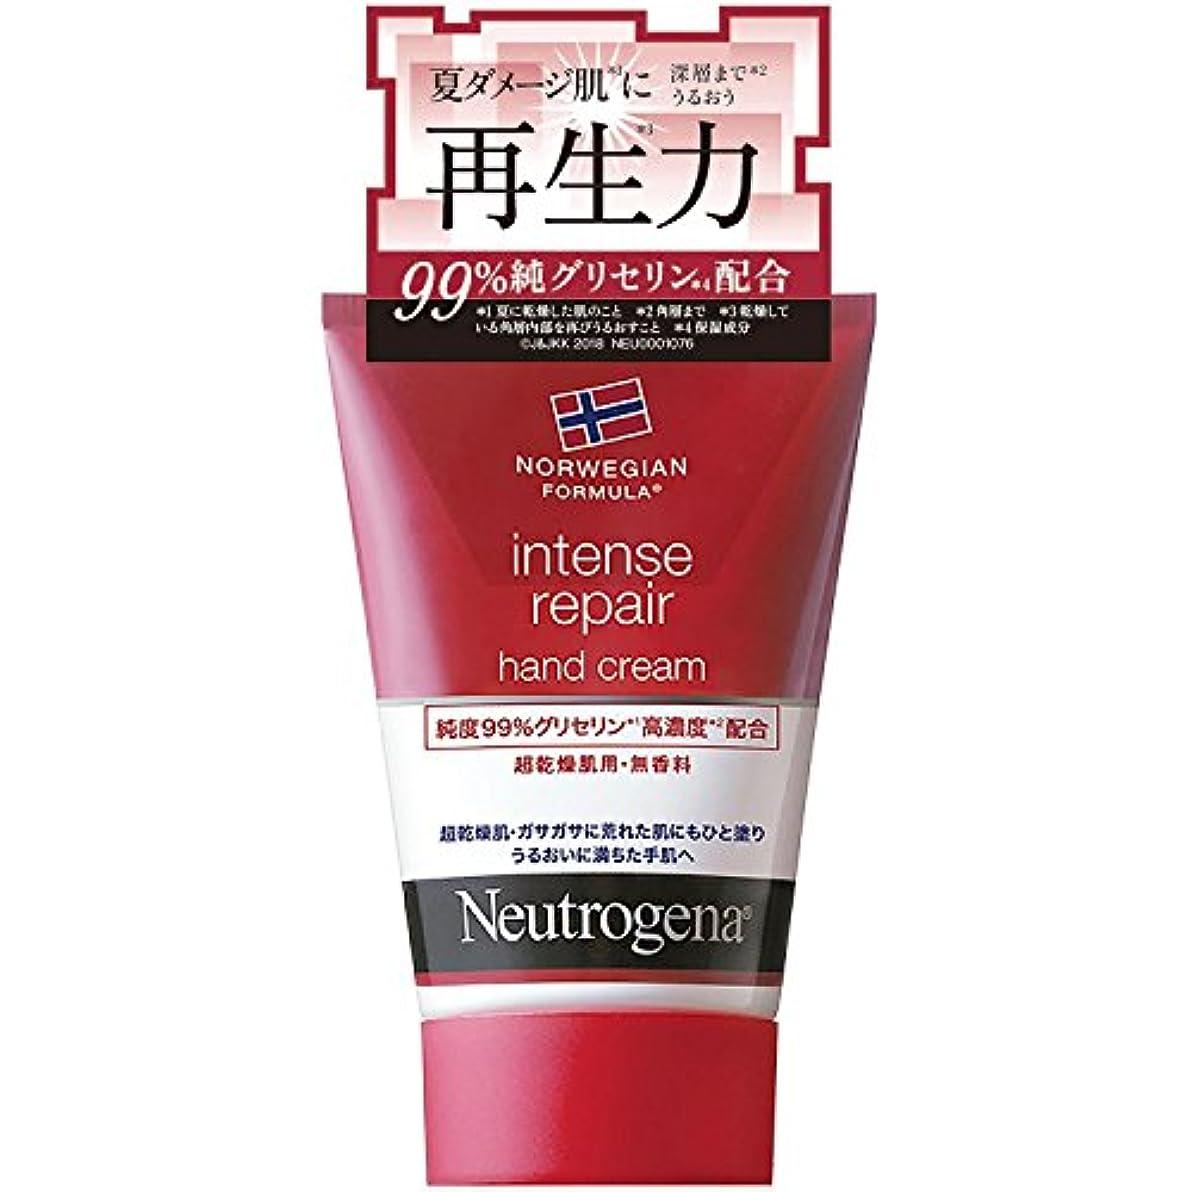 一族ぬいぐるみ外交問題Neutrogena(ニュートロジーナ) ノルウェーフォーミュラ インテンスリペア ハンドクリーム 超乾燥肌用 無香料 単品 50g